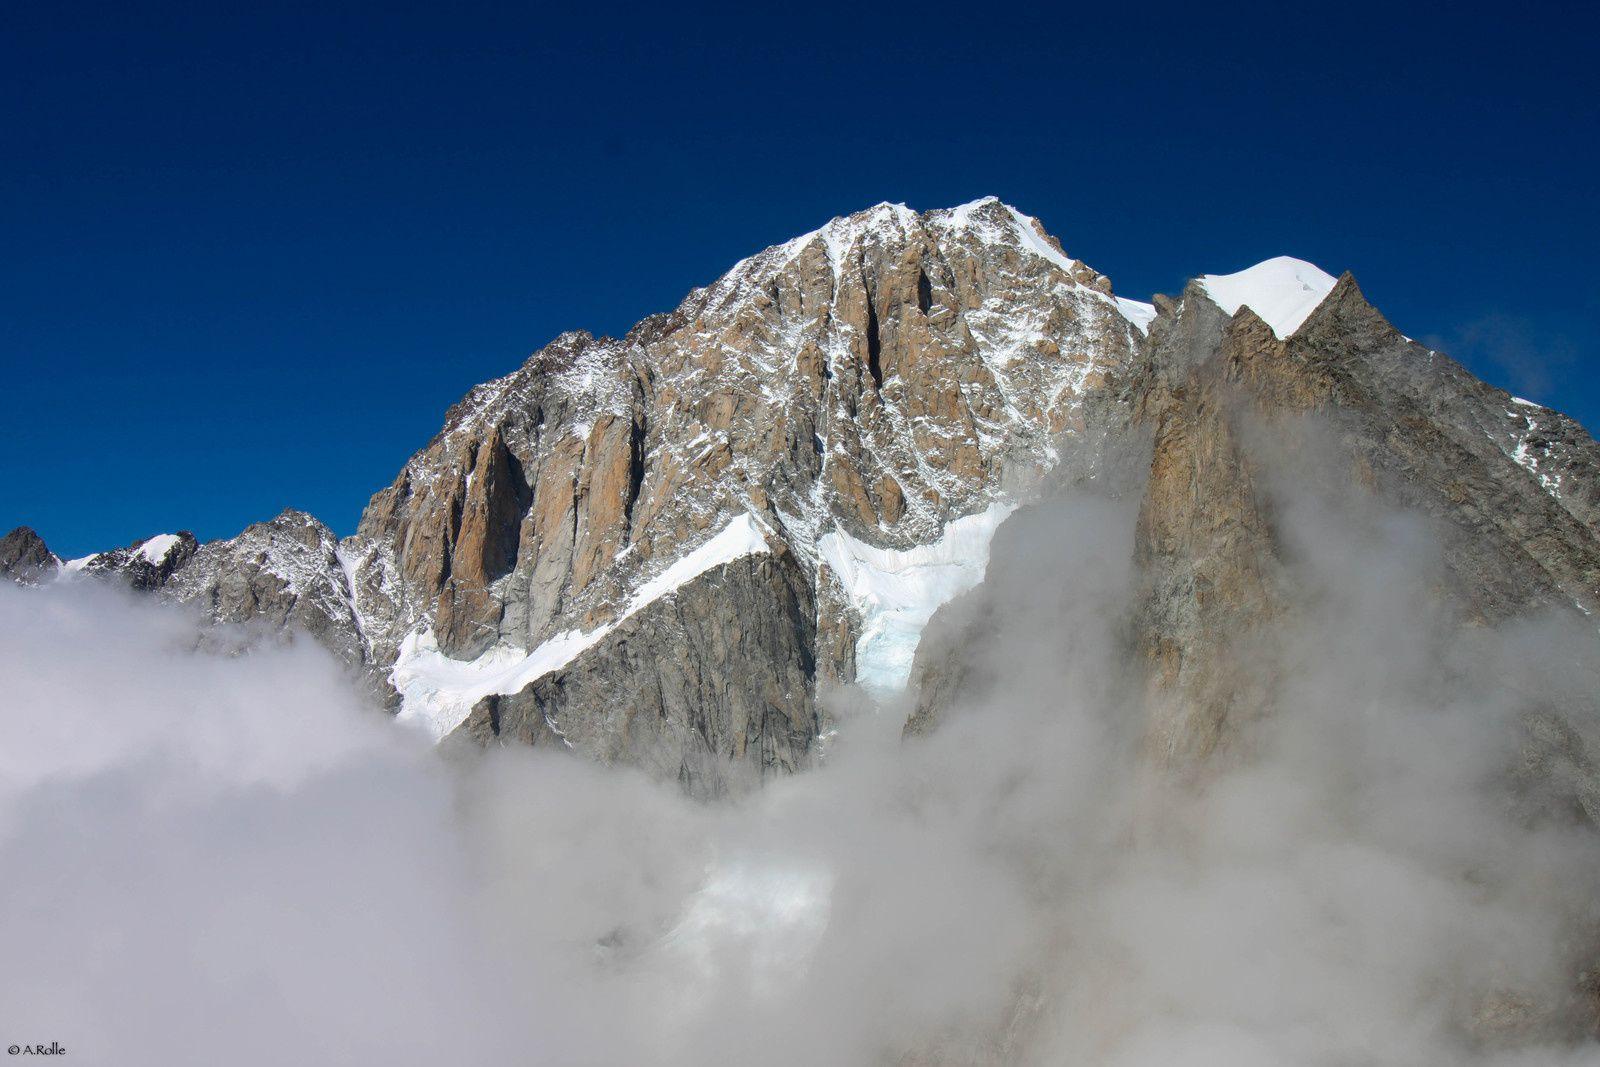 En attendant, la face sud du Mont Blanc est majestueuse.